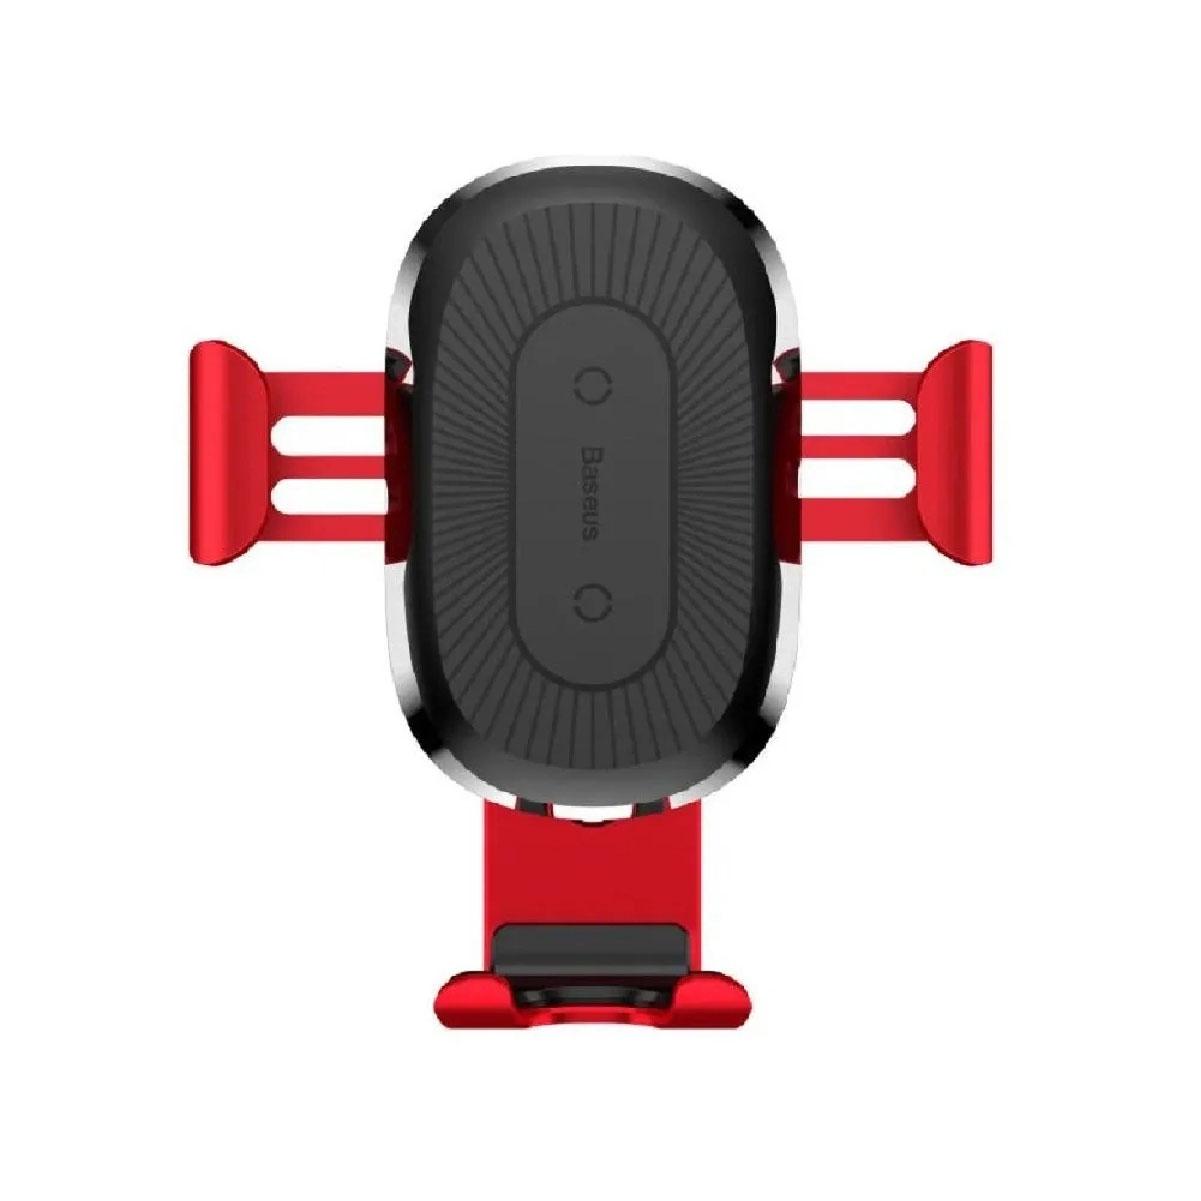 Suporte Veicular Com Carregamento Sem Fio Baseus Gravity Vermelho (Ref. WXYL-09)